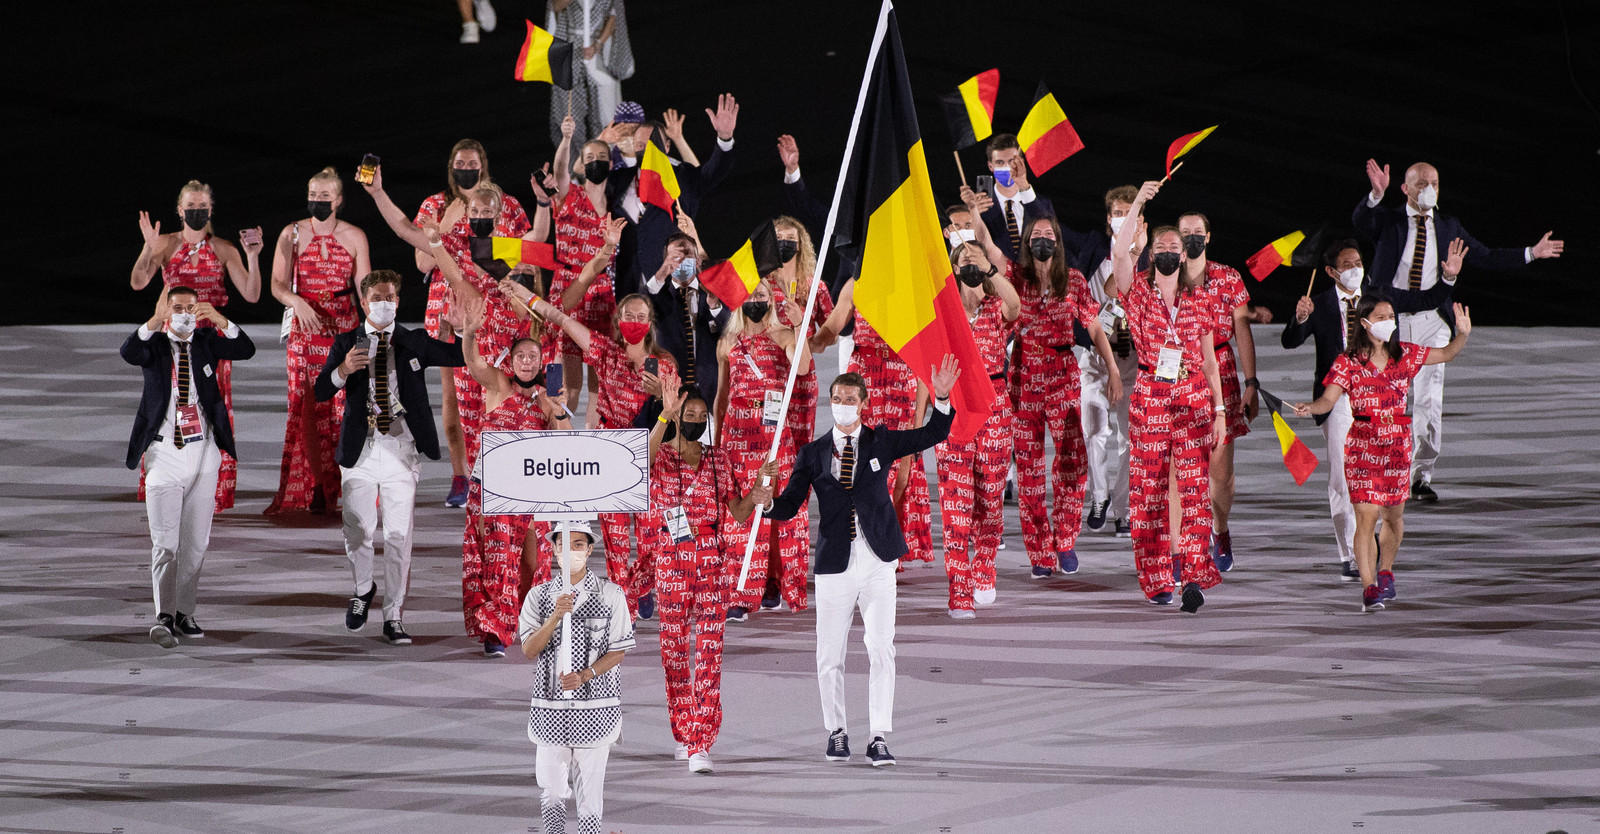 Porte-drapeau de la délégation belge lors de la cérémonie d'ouverture, Nafissatou Thiam débutera son heptathlon le 4 août.